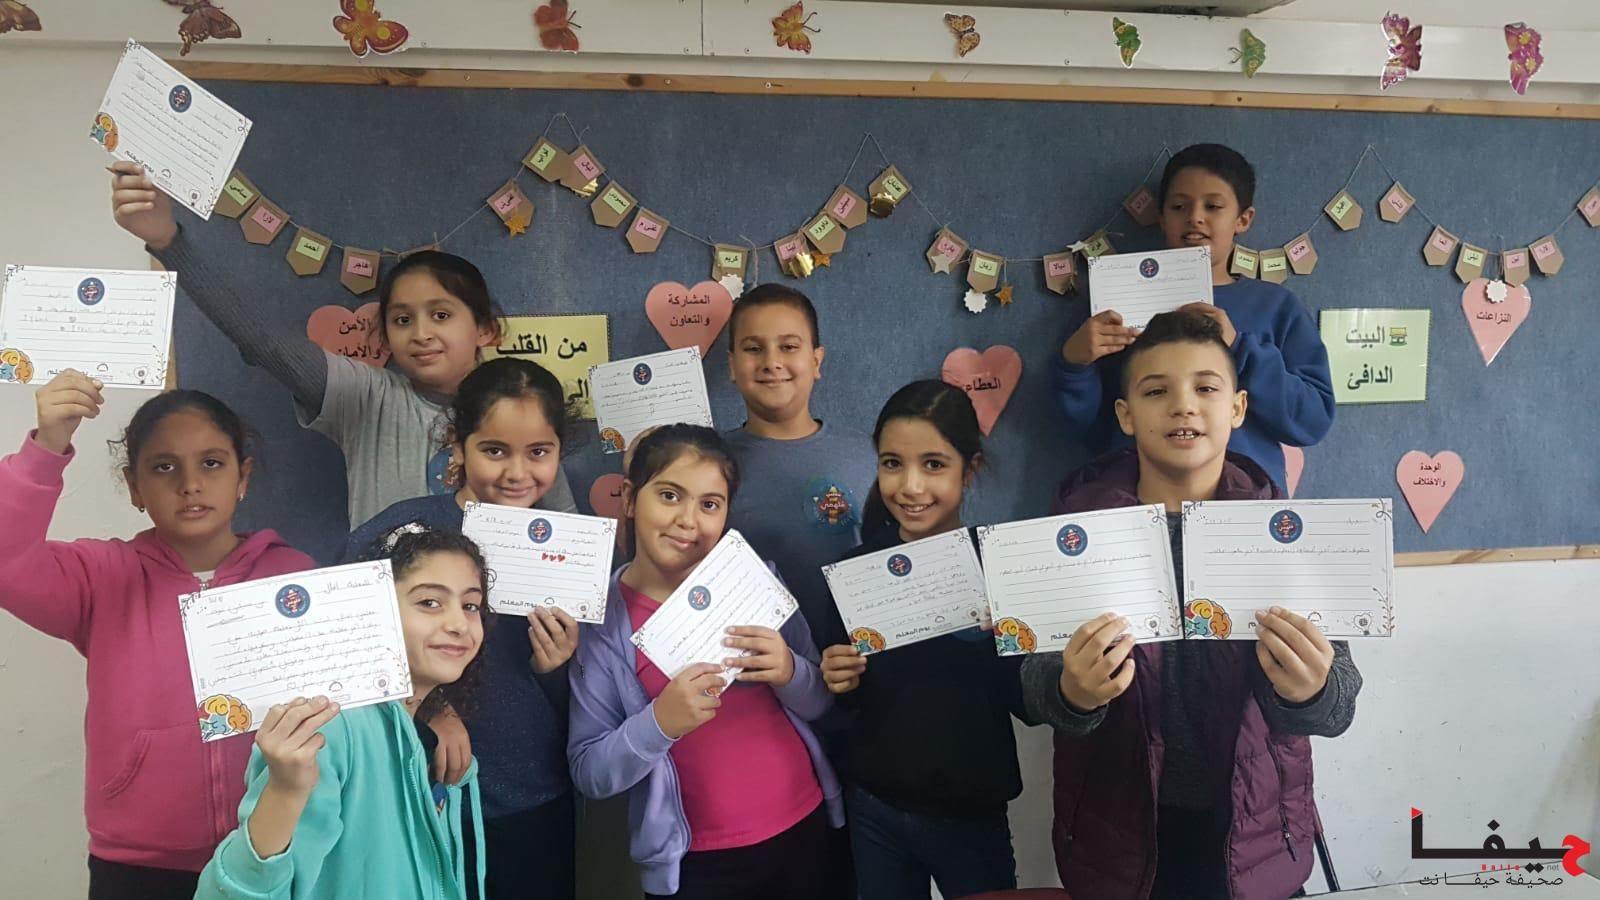 خبر المدارس جمعية (3)